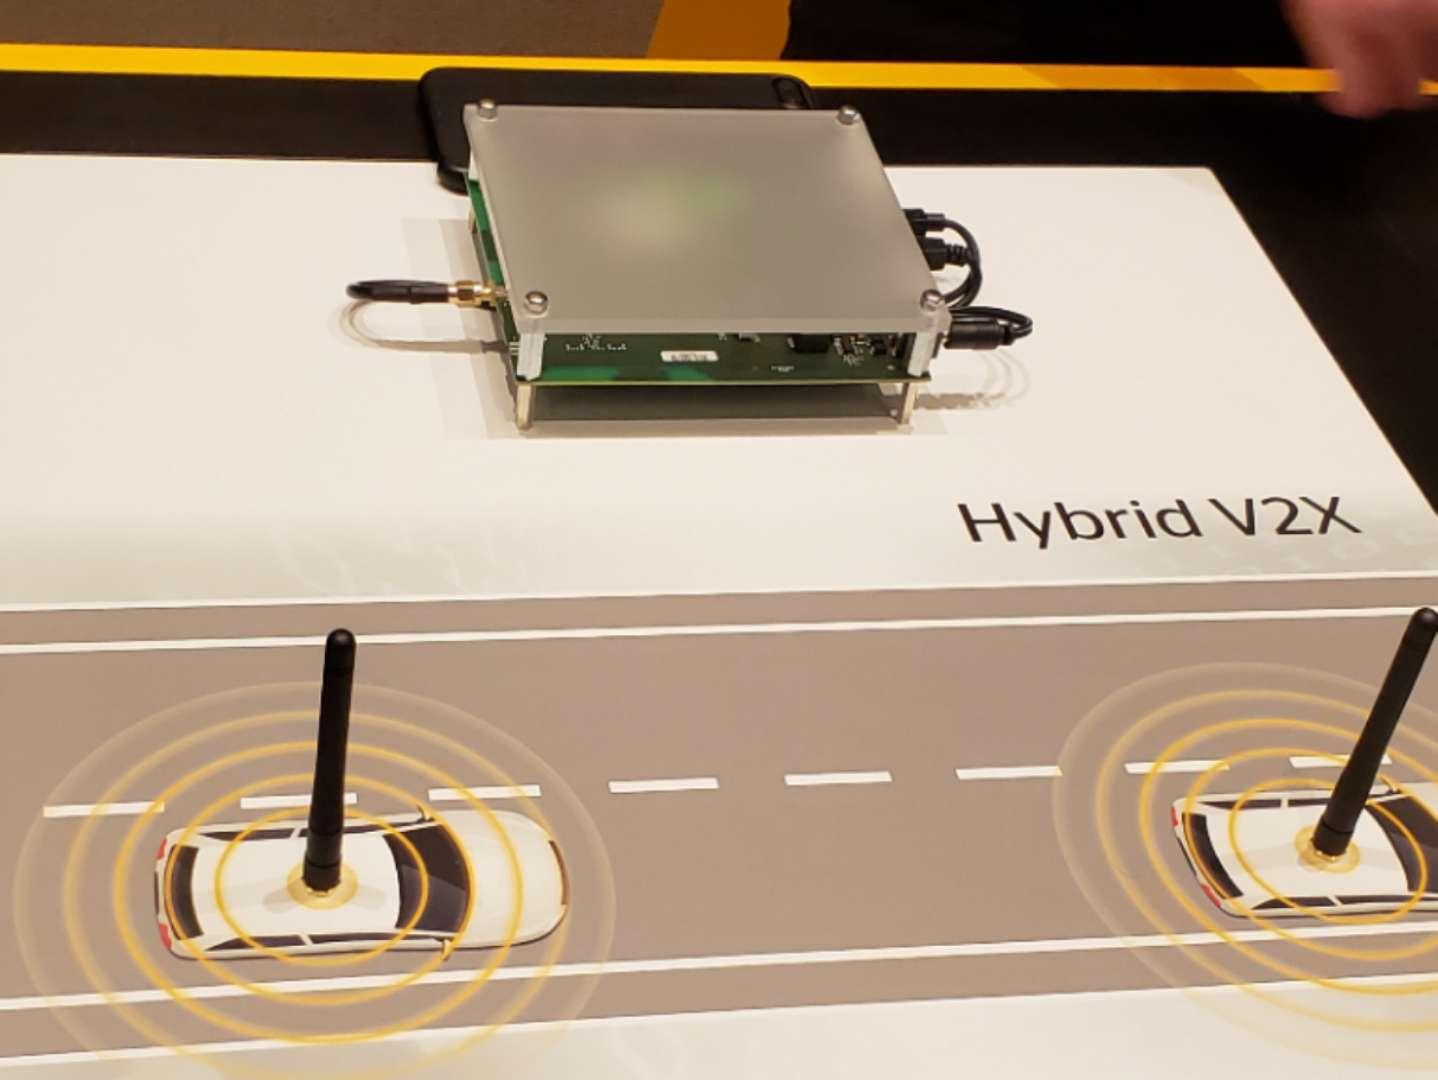 Hybrid V2X